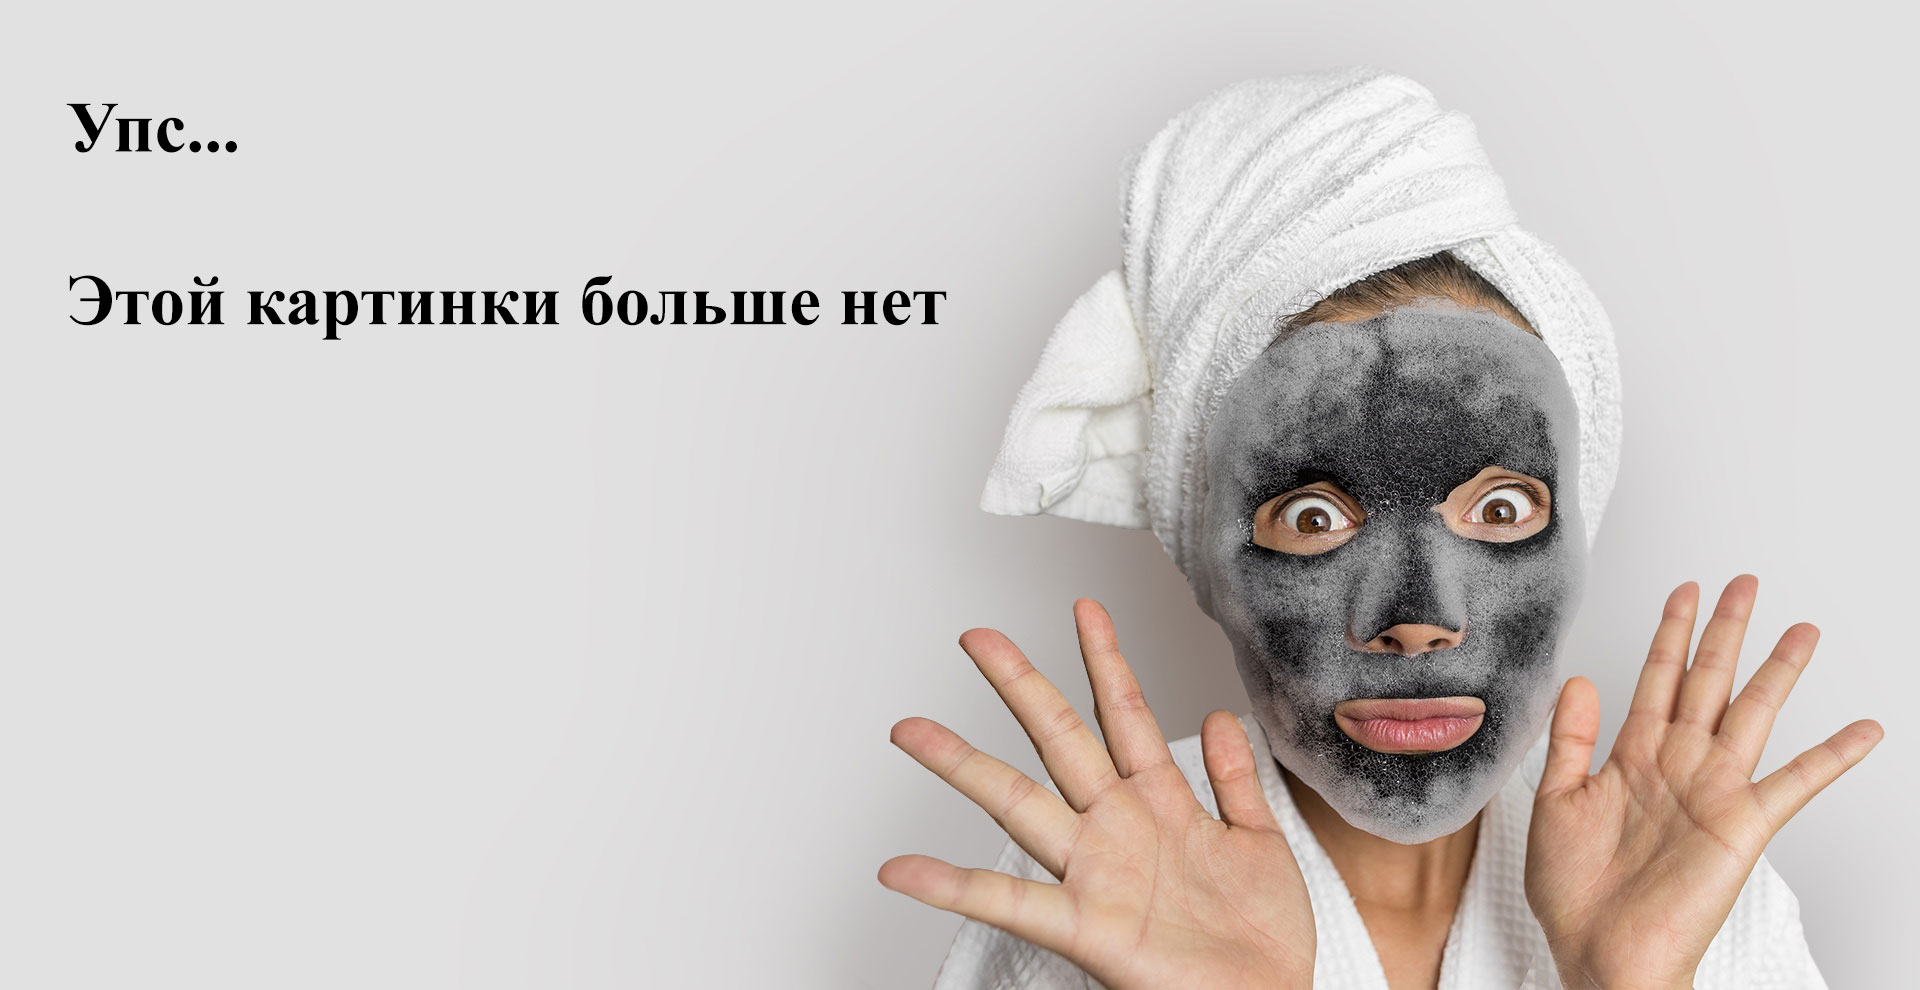 Italwax, Восковые полоски Solo для тела с ароматом Дамасской розы, 12 шт.